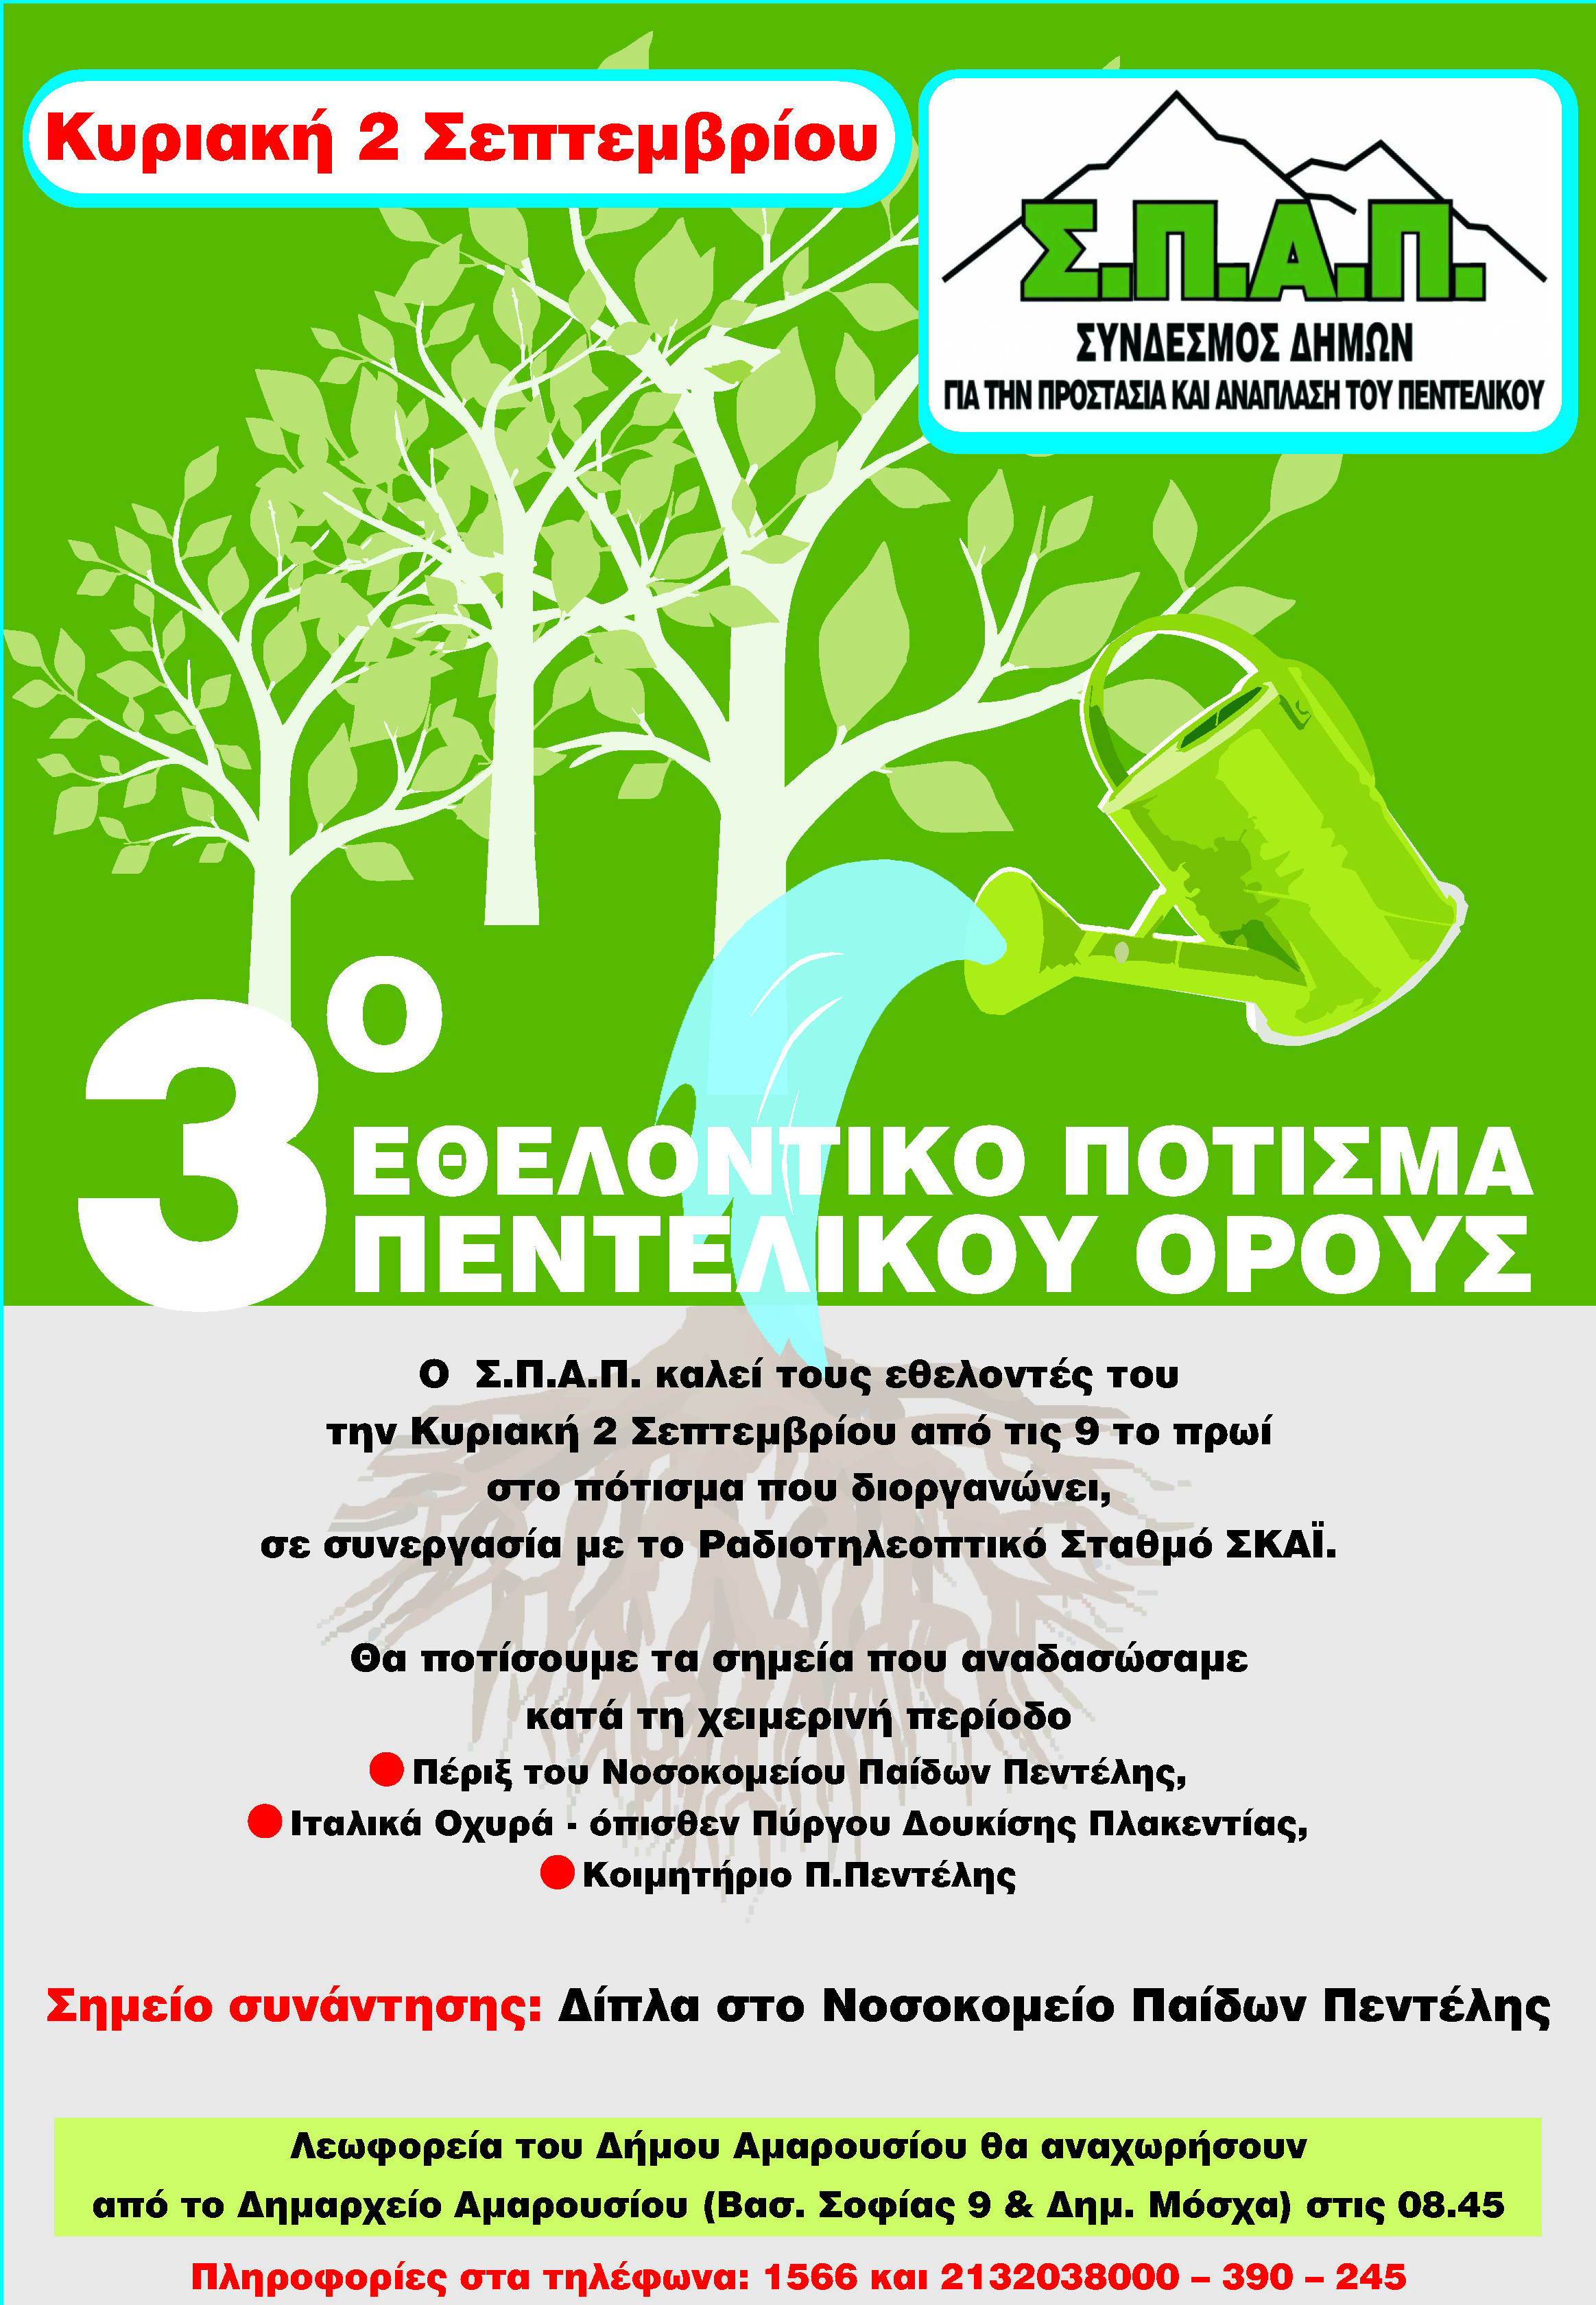 3oethelontikopotisma2012spap